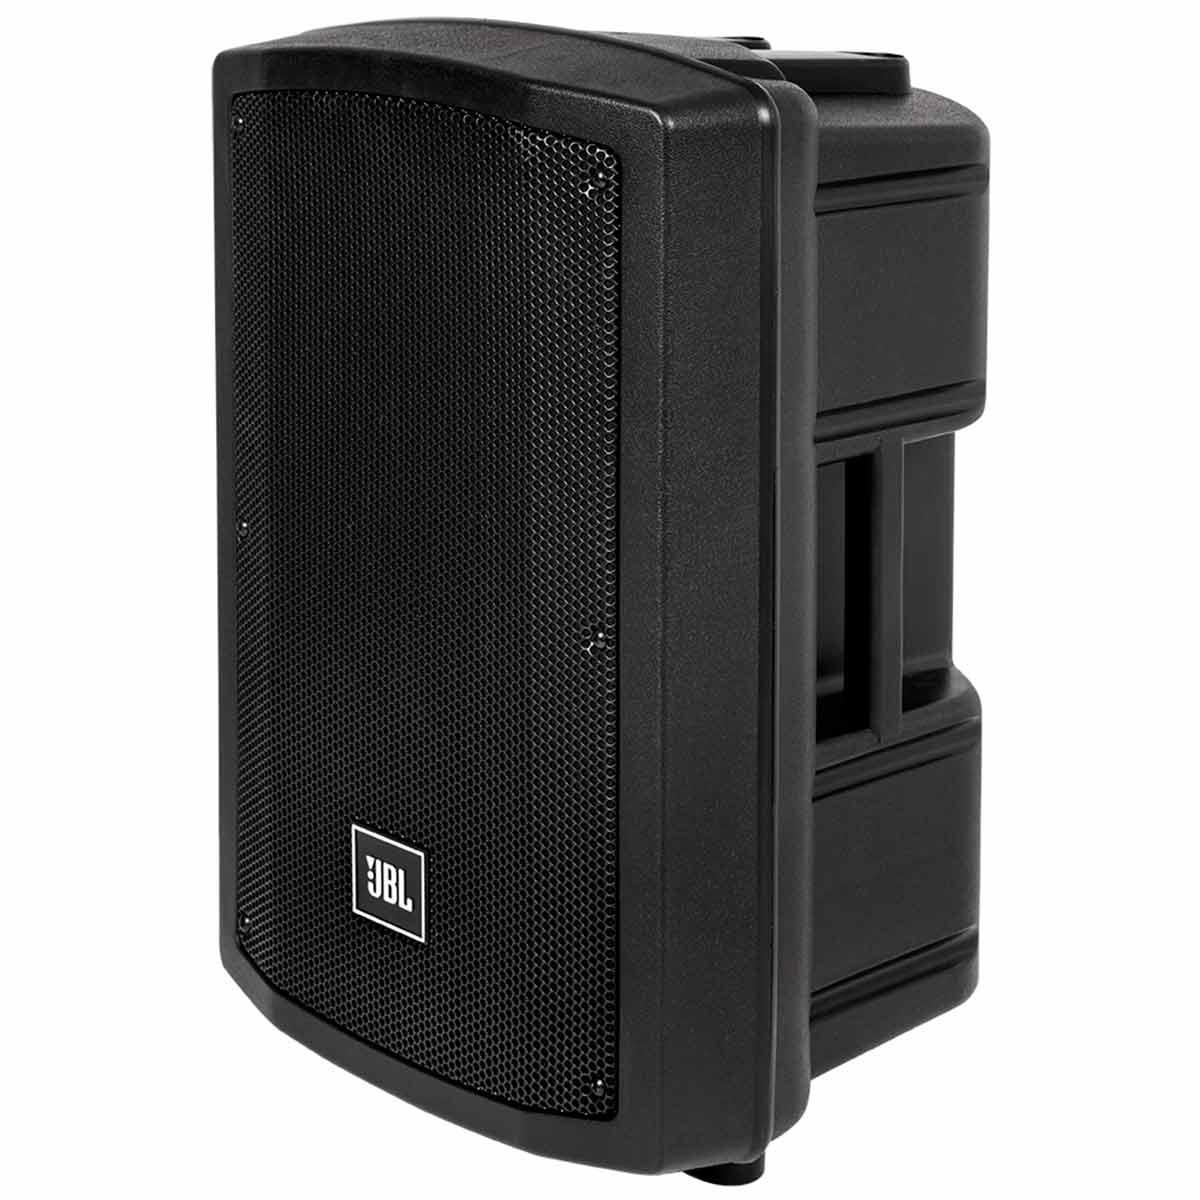 Caixa Ativa Fal 12 Pol 150W c/ USB / Bluetooth - JS 12 USB BT JBL